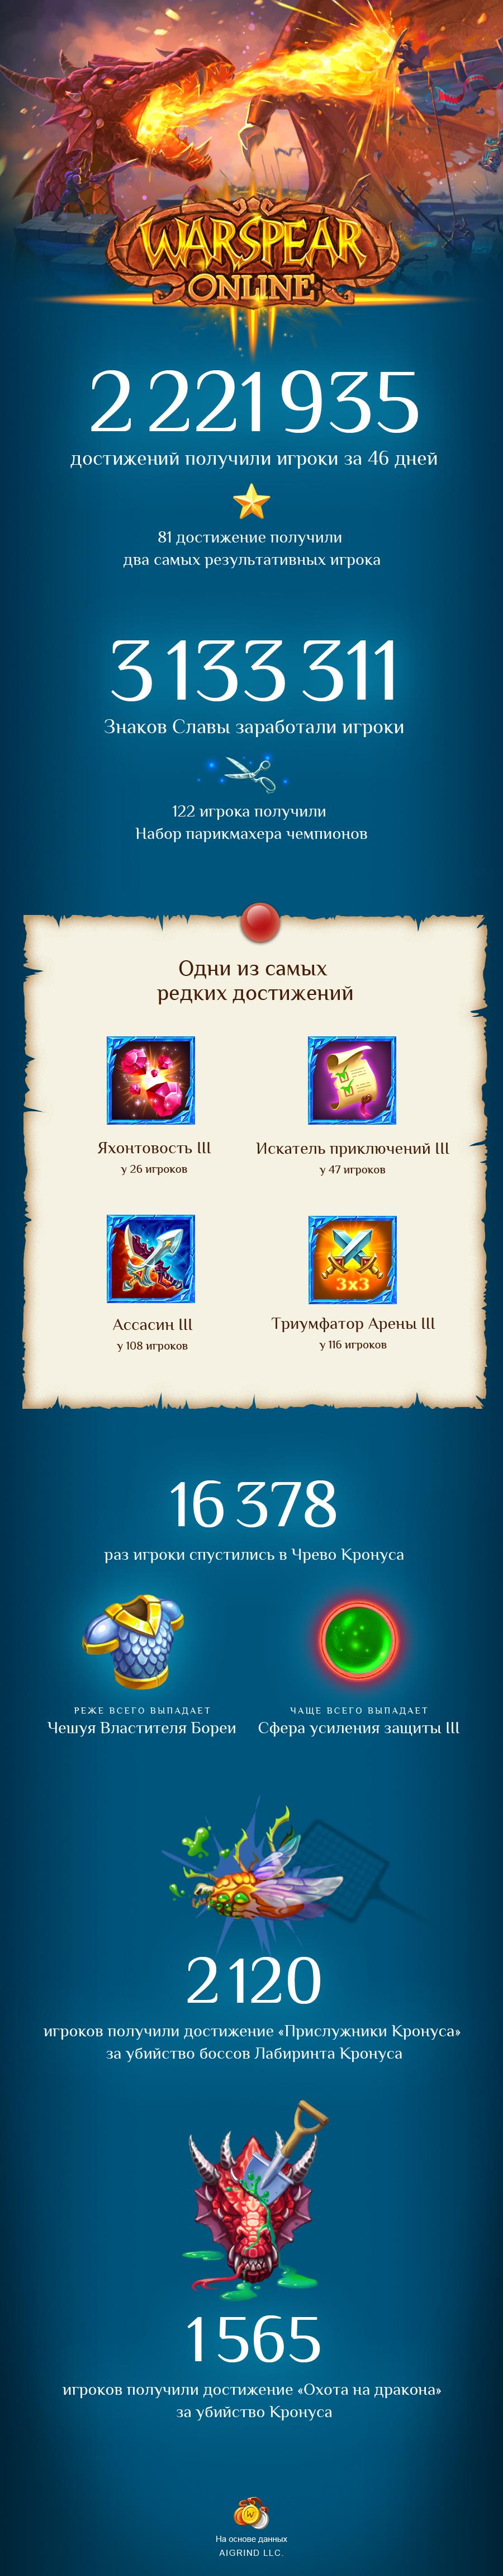 info7kk.jpg